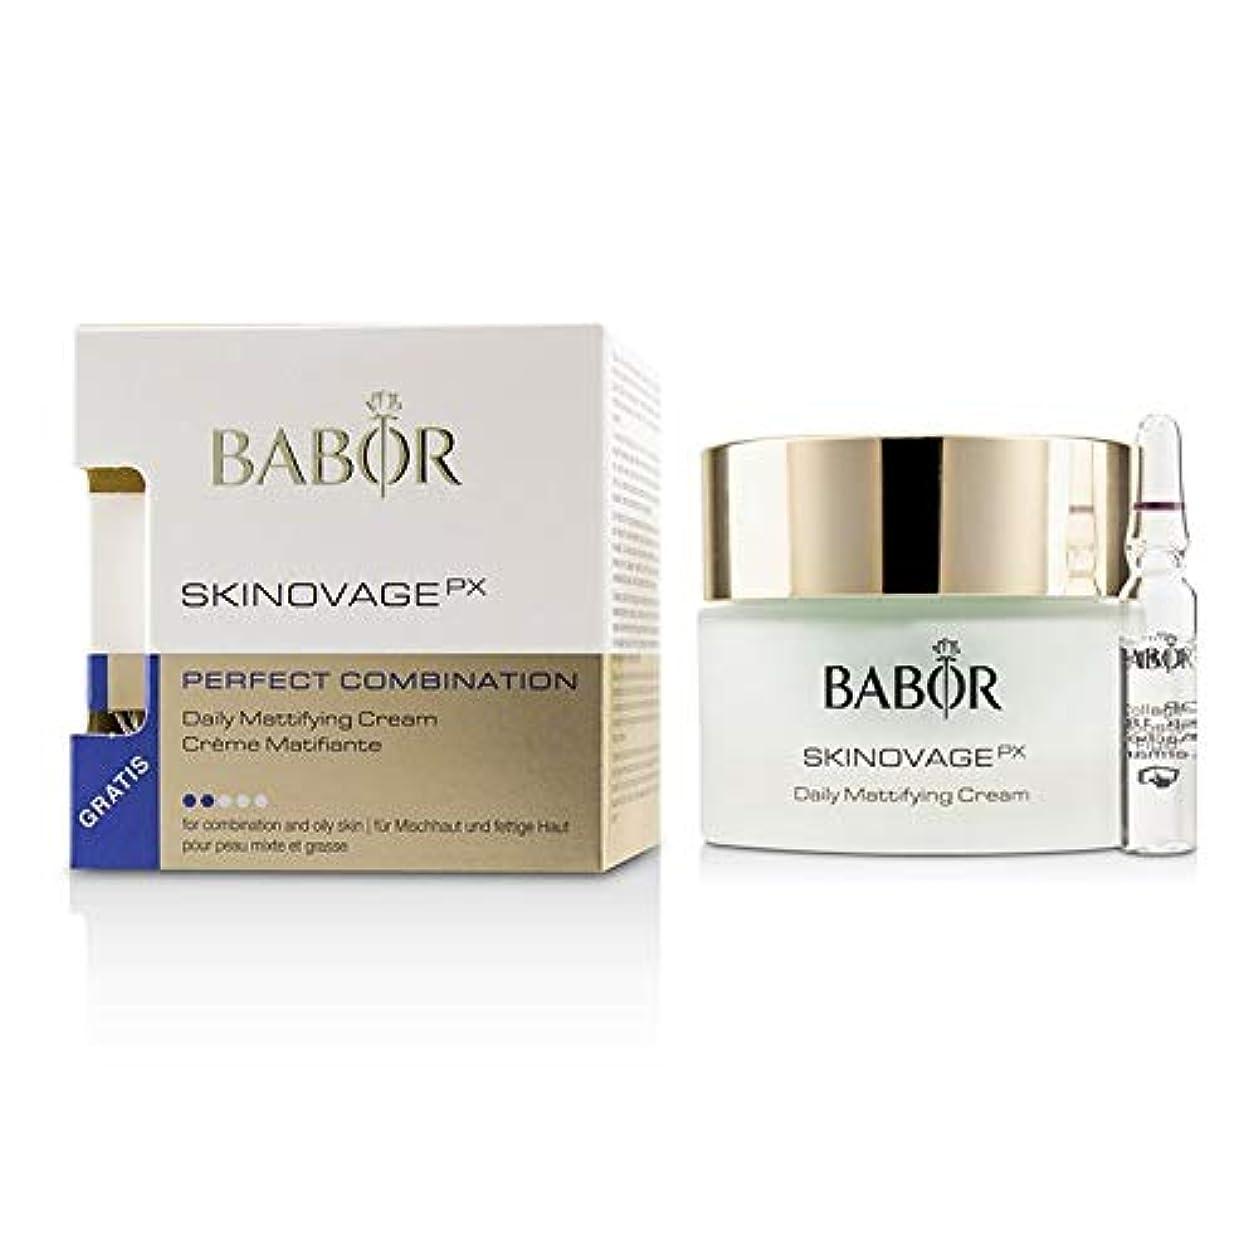 コロニアル手当それによってバボール Skinovage PX Perfect Combination Daily Mattifying Cream (with Free Collagen Booster Fluid 2ml) - For Combination...